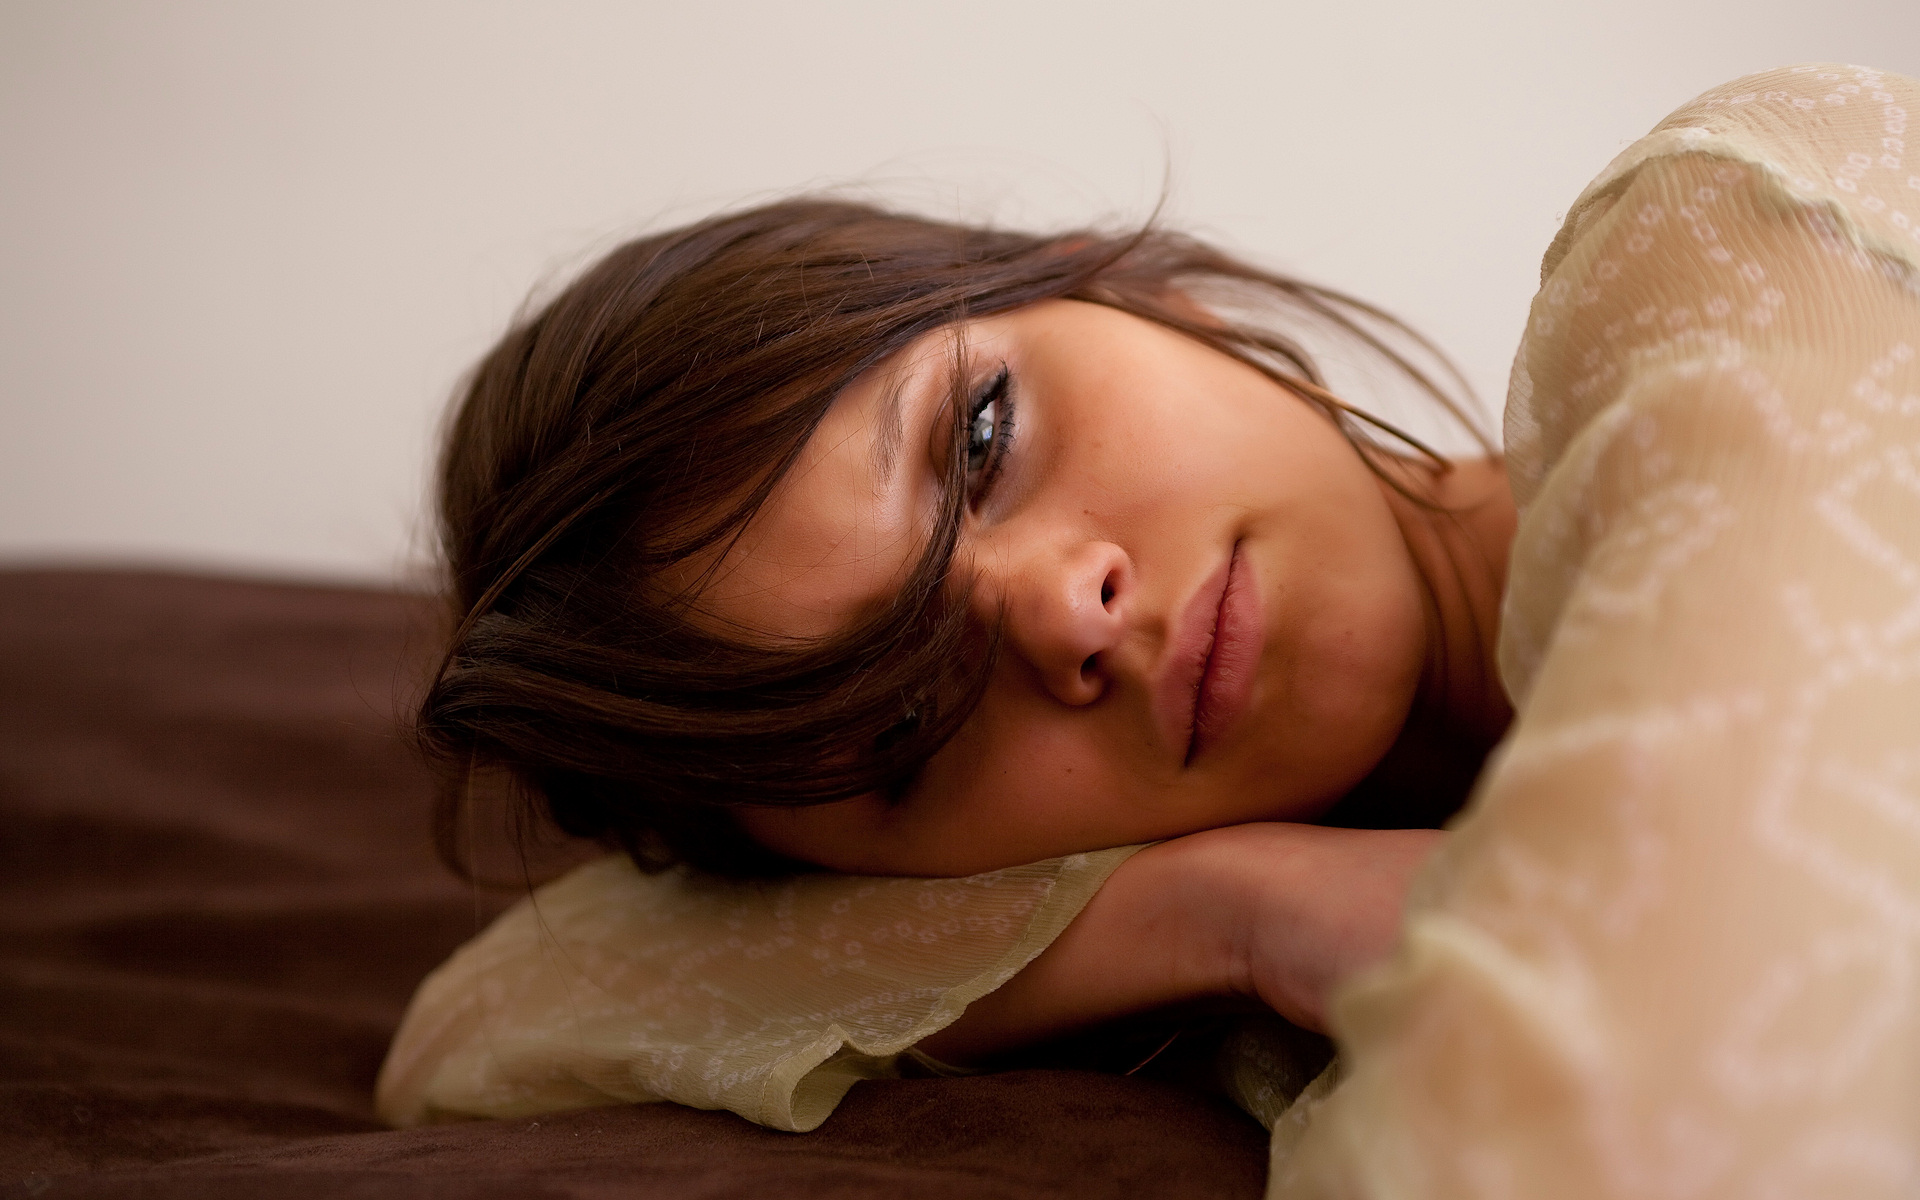 Фото девушек брюнеток без лица в домашних условиях